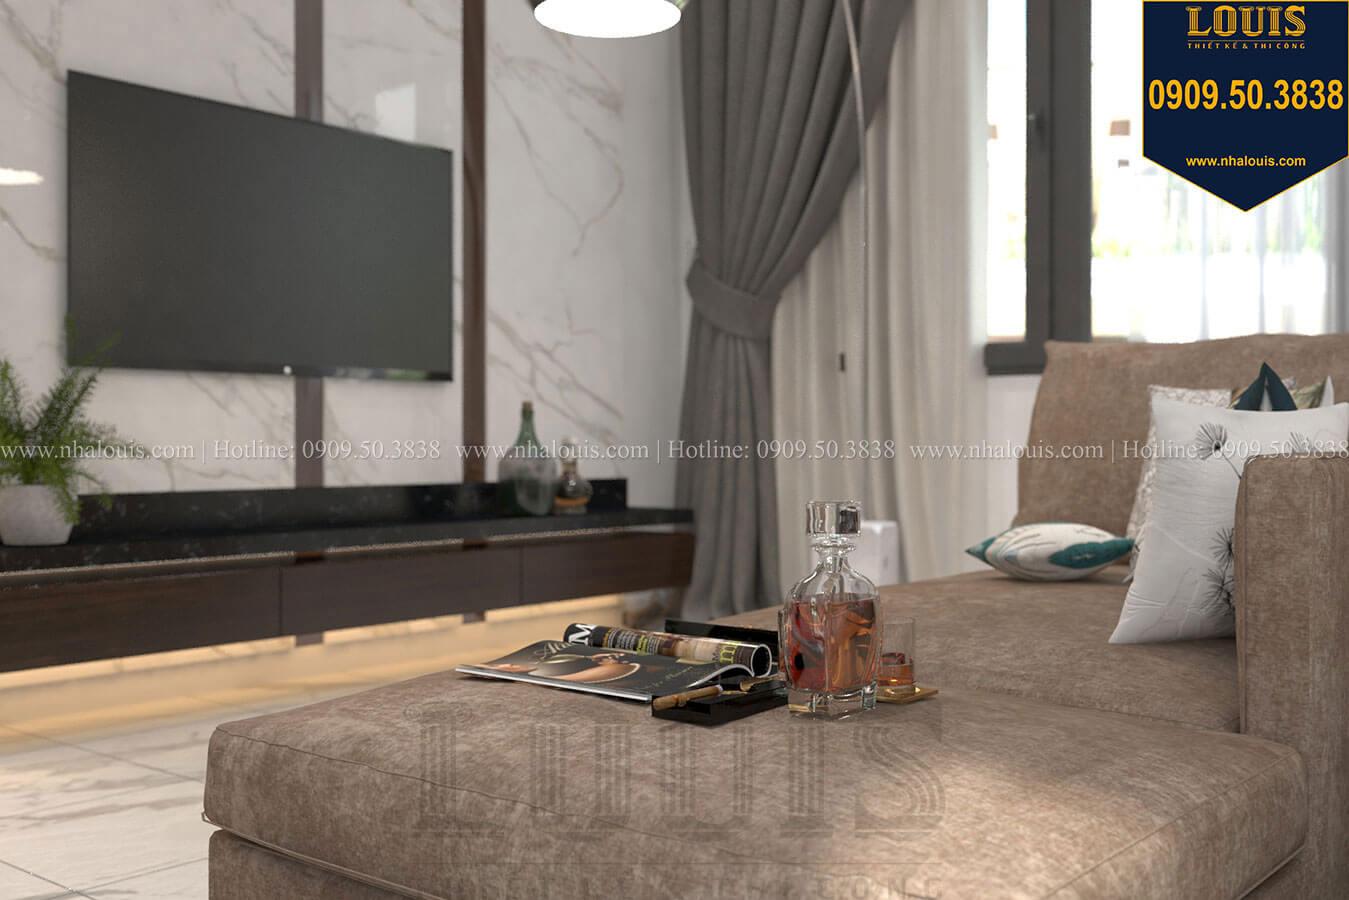 Phòng ngủ master Thiết kế biệt thự 3 tầng hiện đại mặt tiền 10m tại Cần Thơ - 24